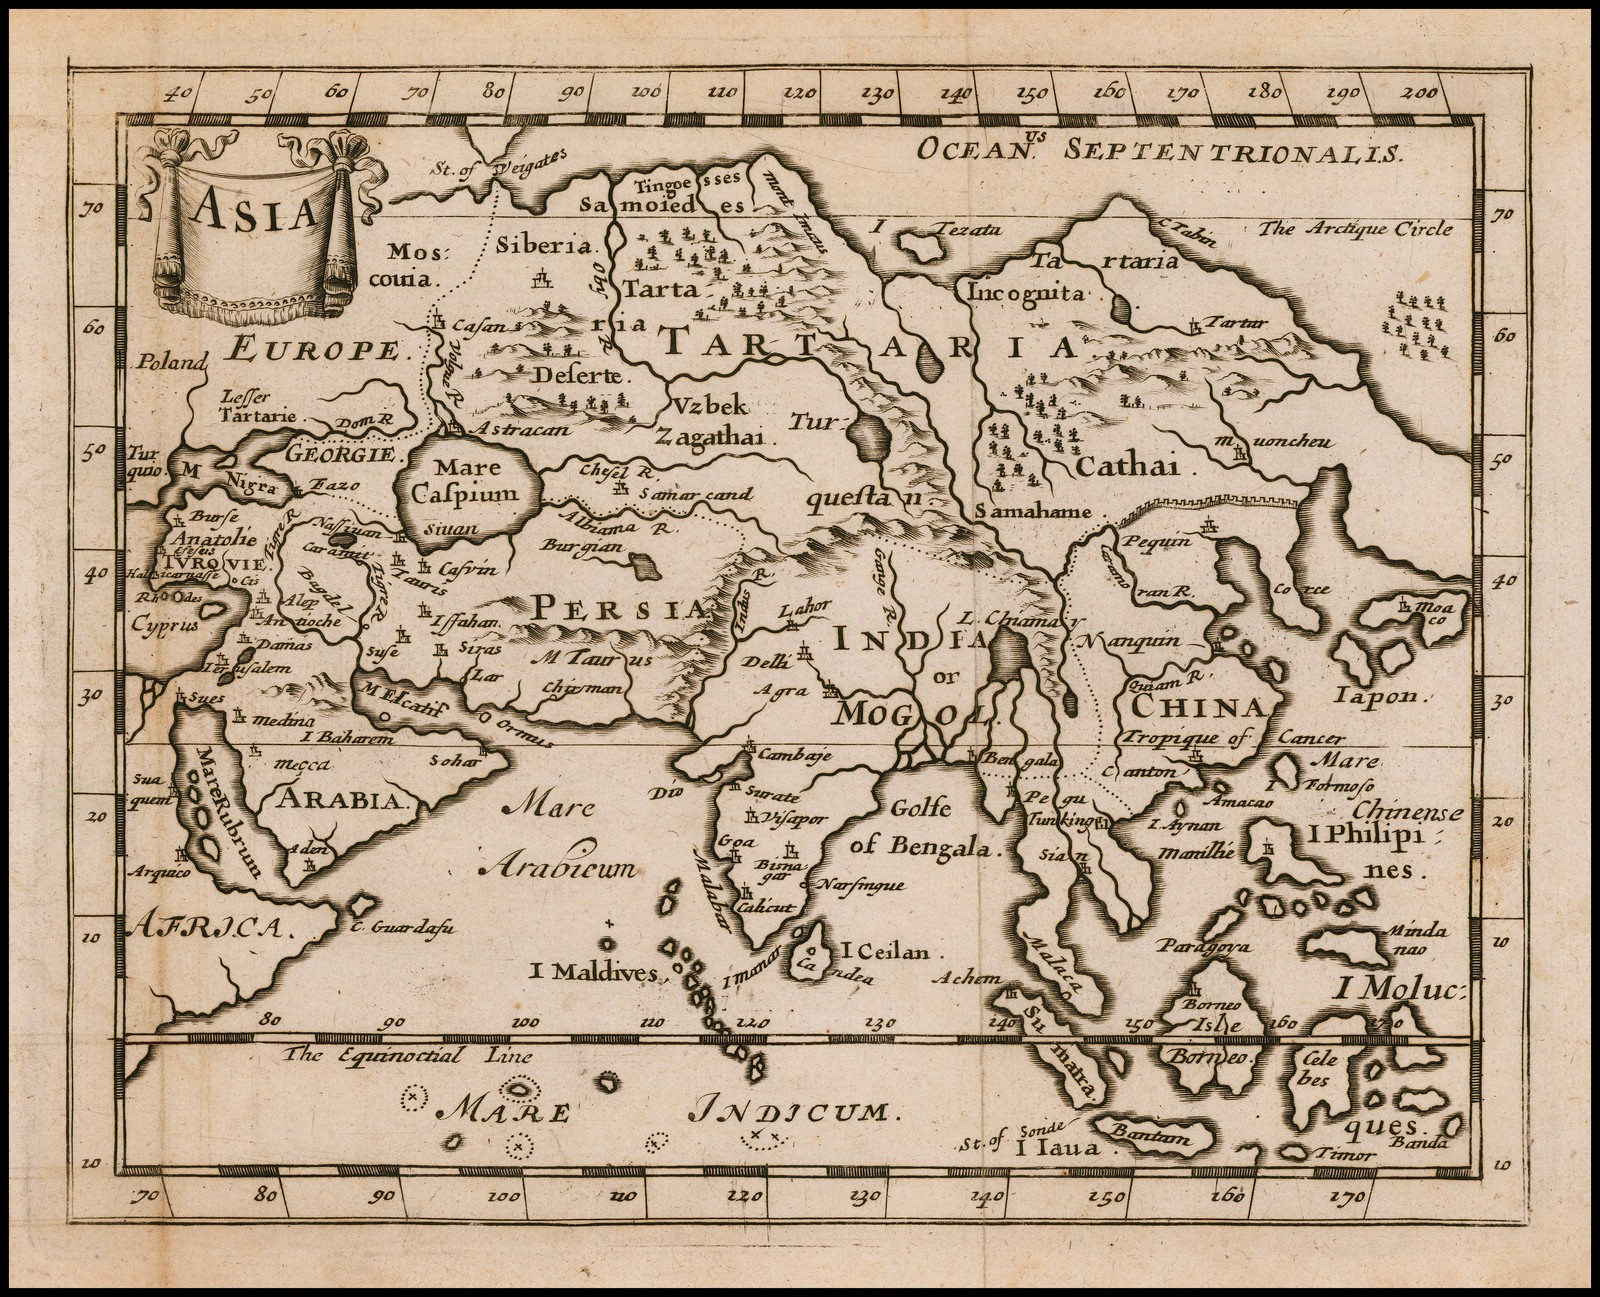 Редкая английская карта Азии Джонаса Мура, опубликованная в Лондоне в 1681 году